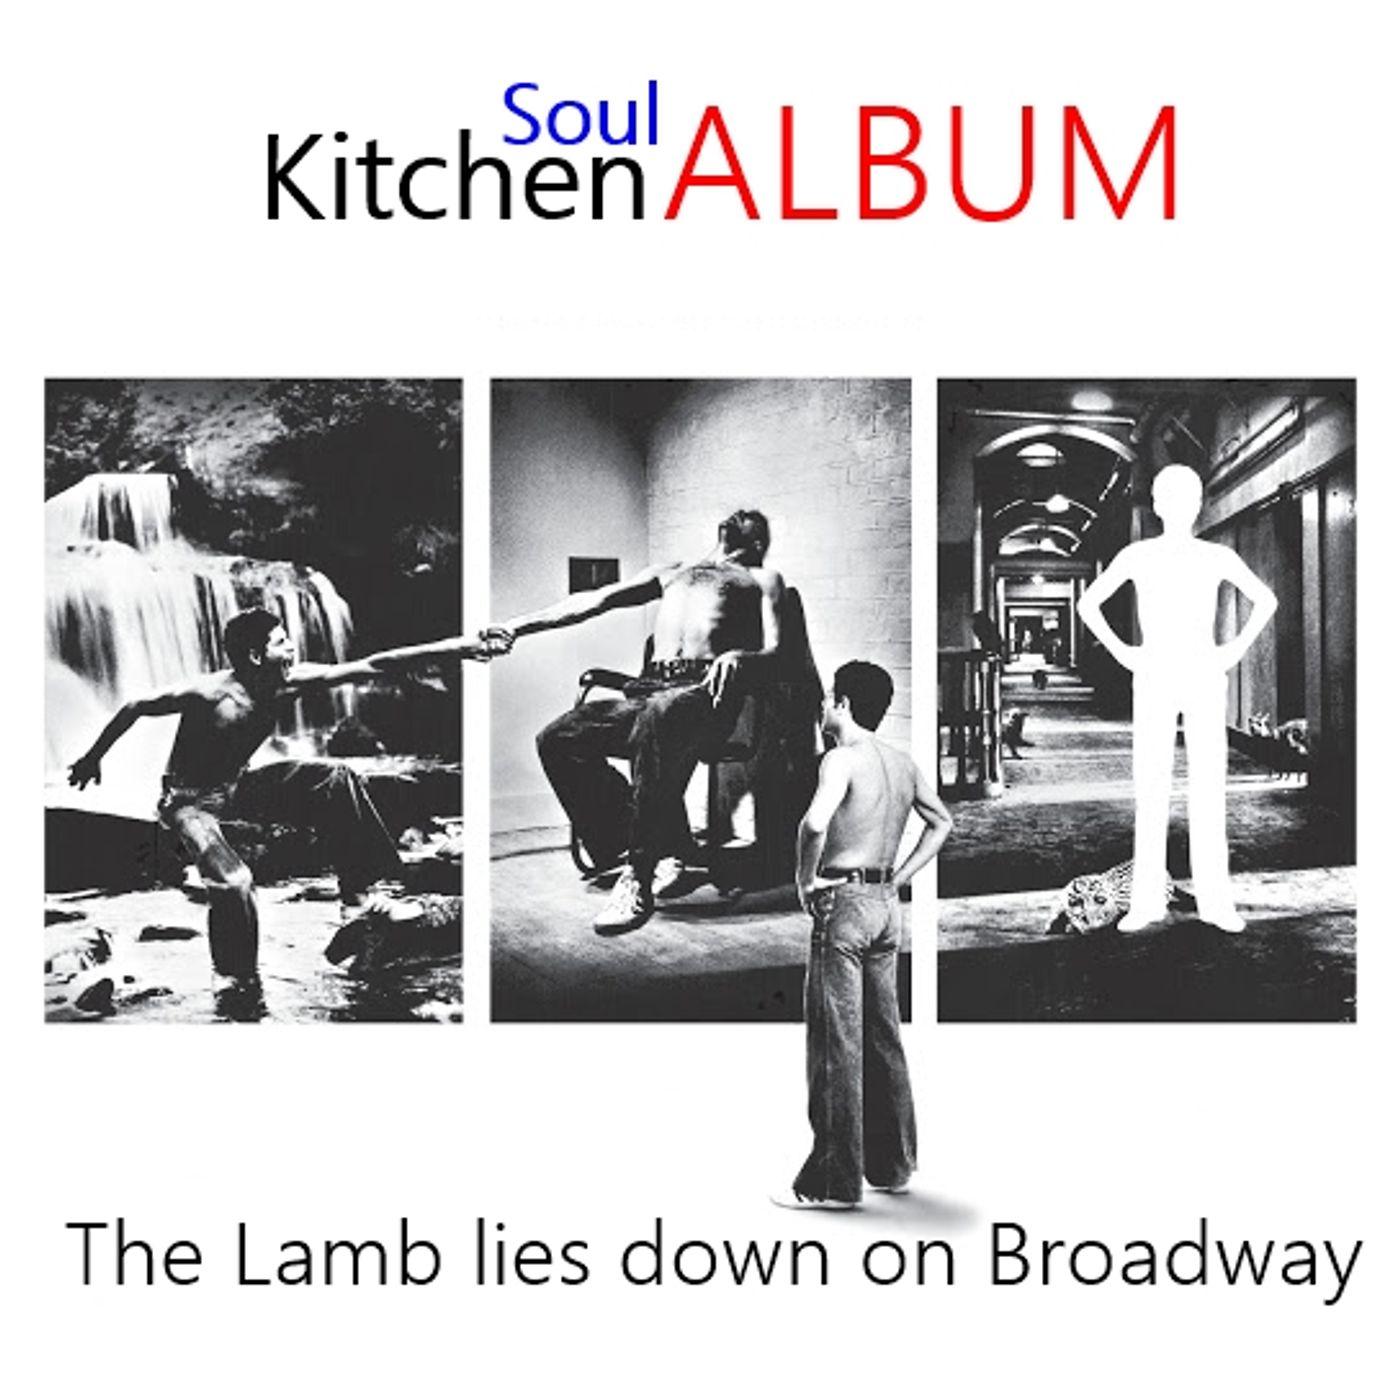 The lamb lies down on Broadway - Soul Kitchen Album